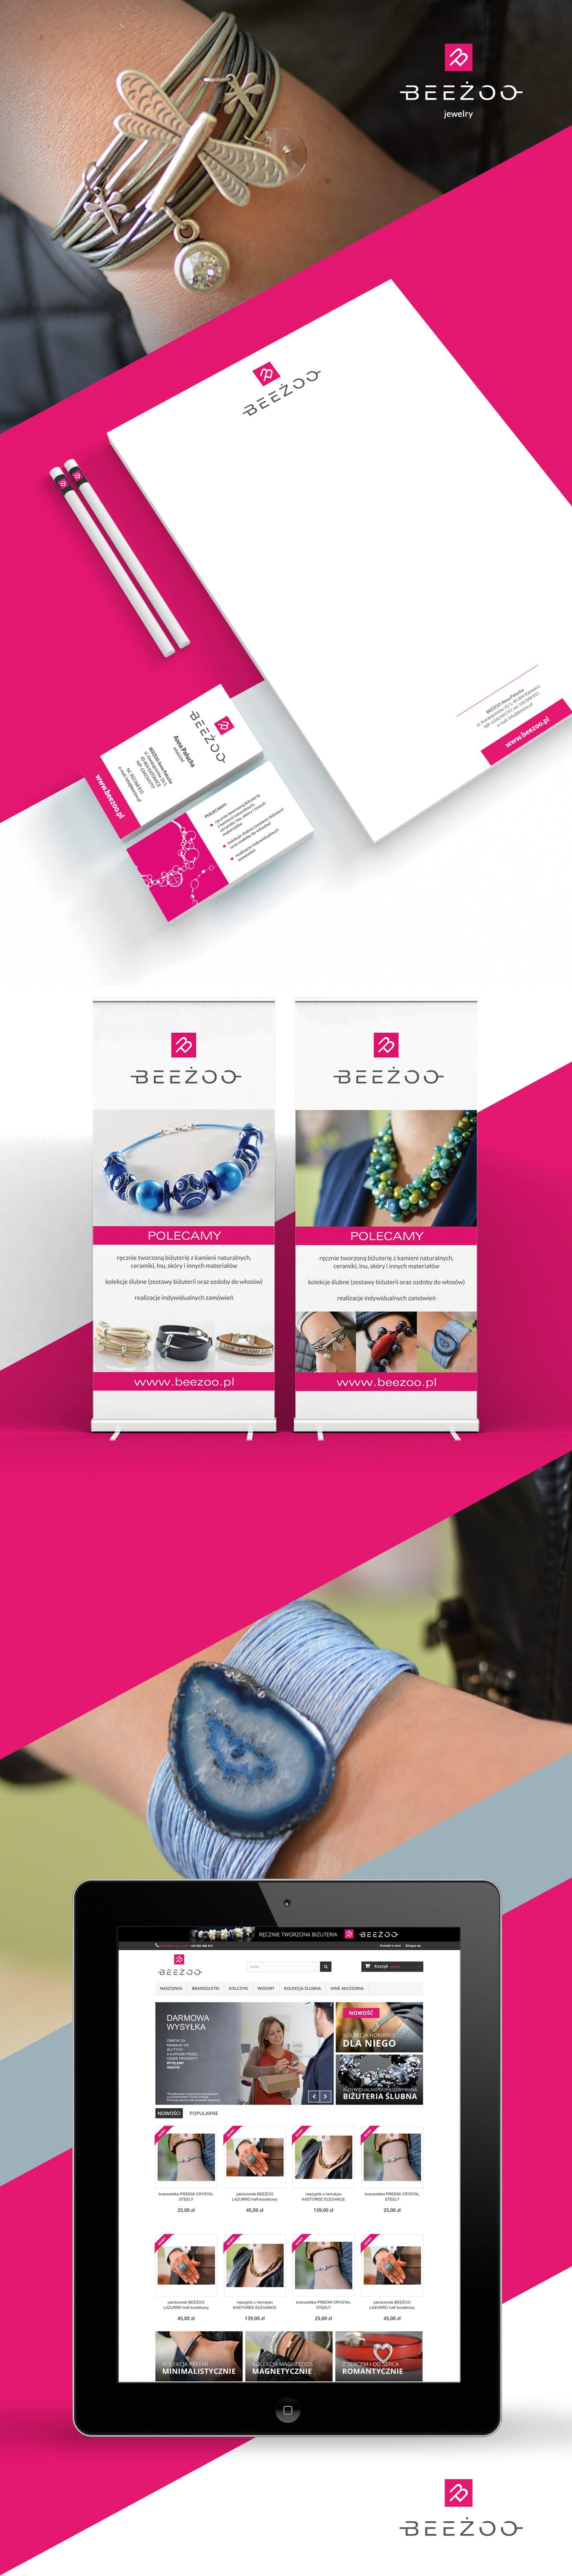 Beeżoo biżuteria sklep internetowy